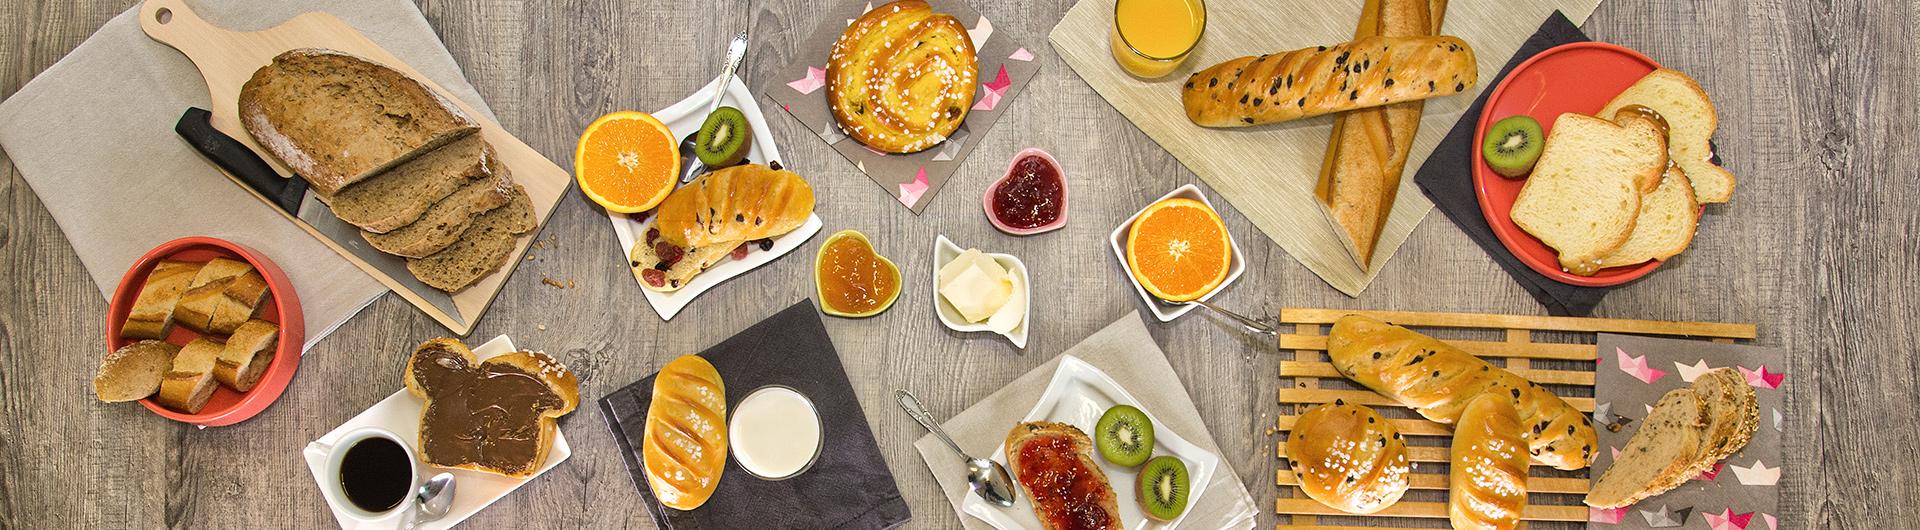 Les gourmandises de nos pauses déjeuner